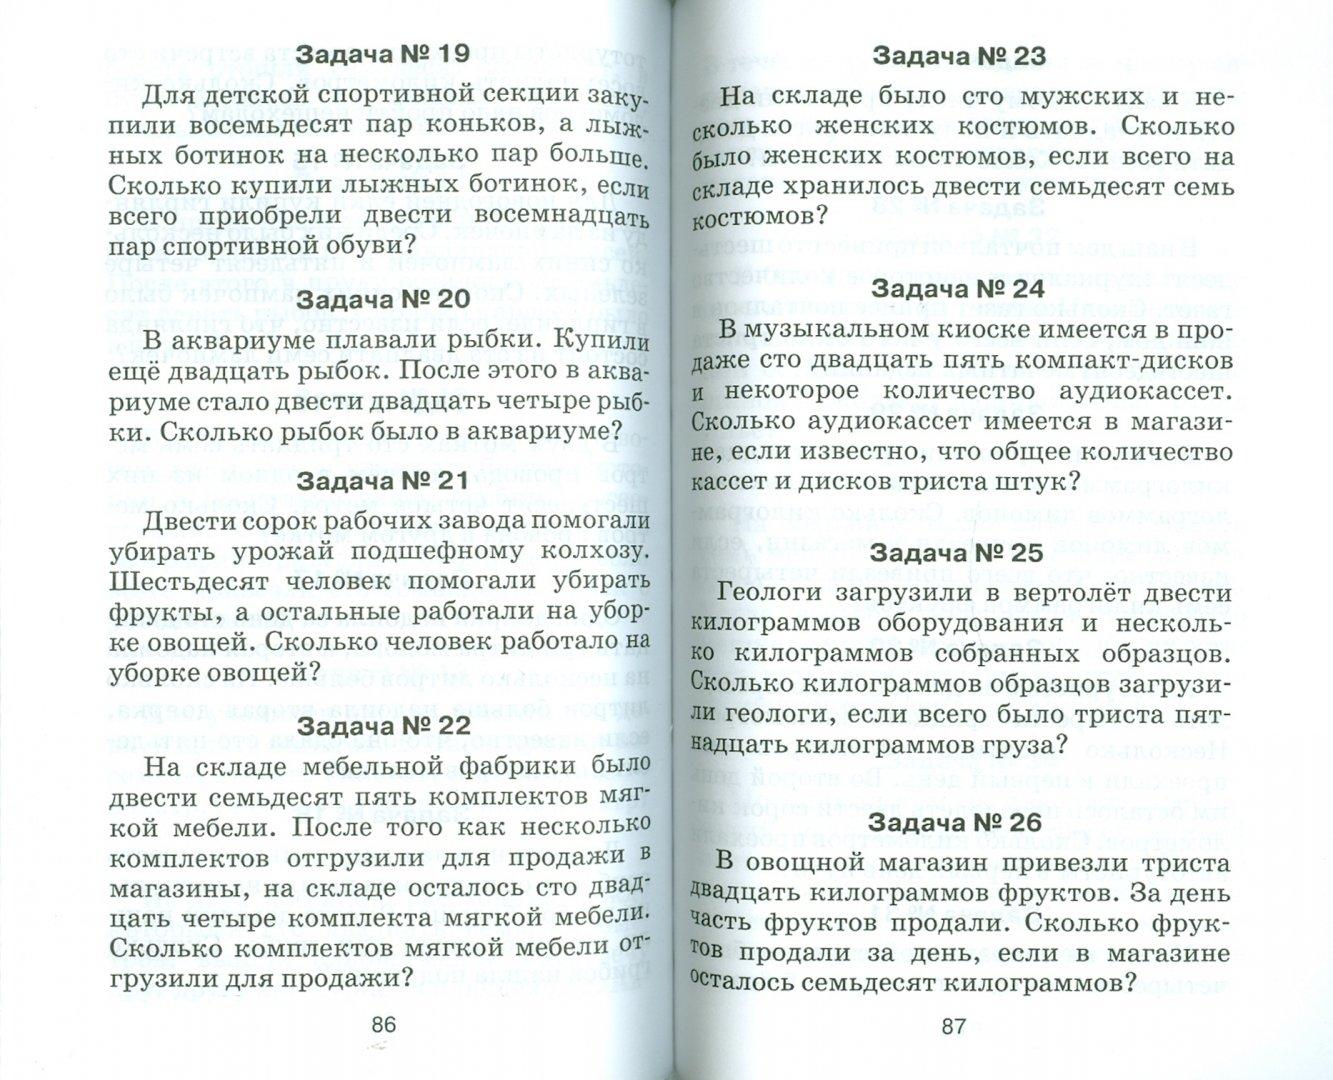 Иллюстрация 1 из 57 для Задачи по математике. 3 класс - Игорь Родин | Лабиринт - книги. Источник: Лабиринт